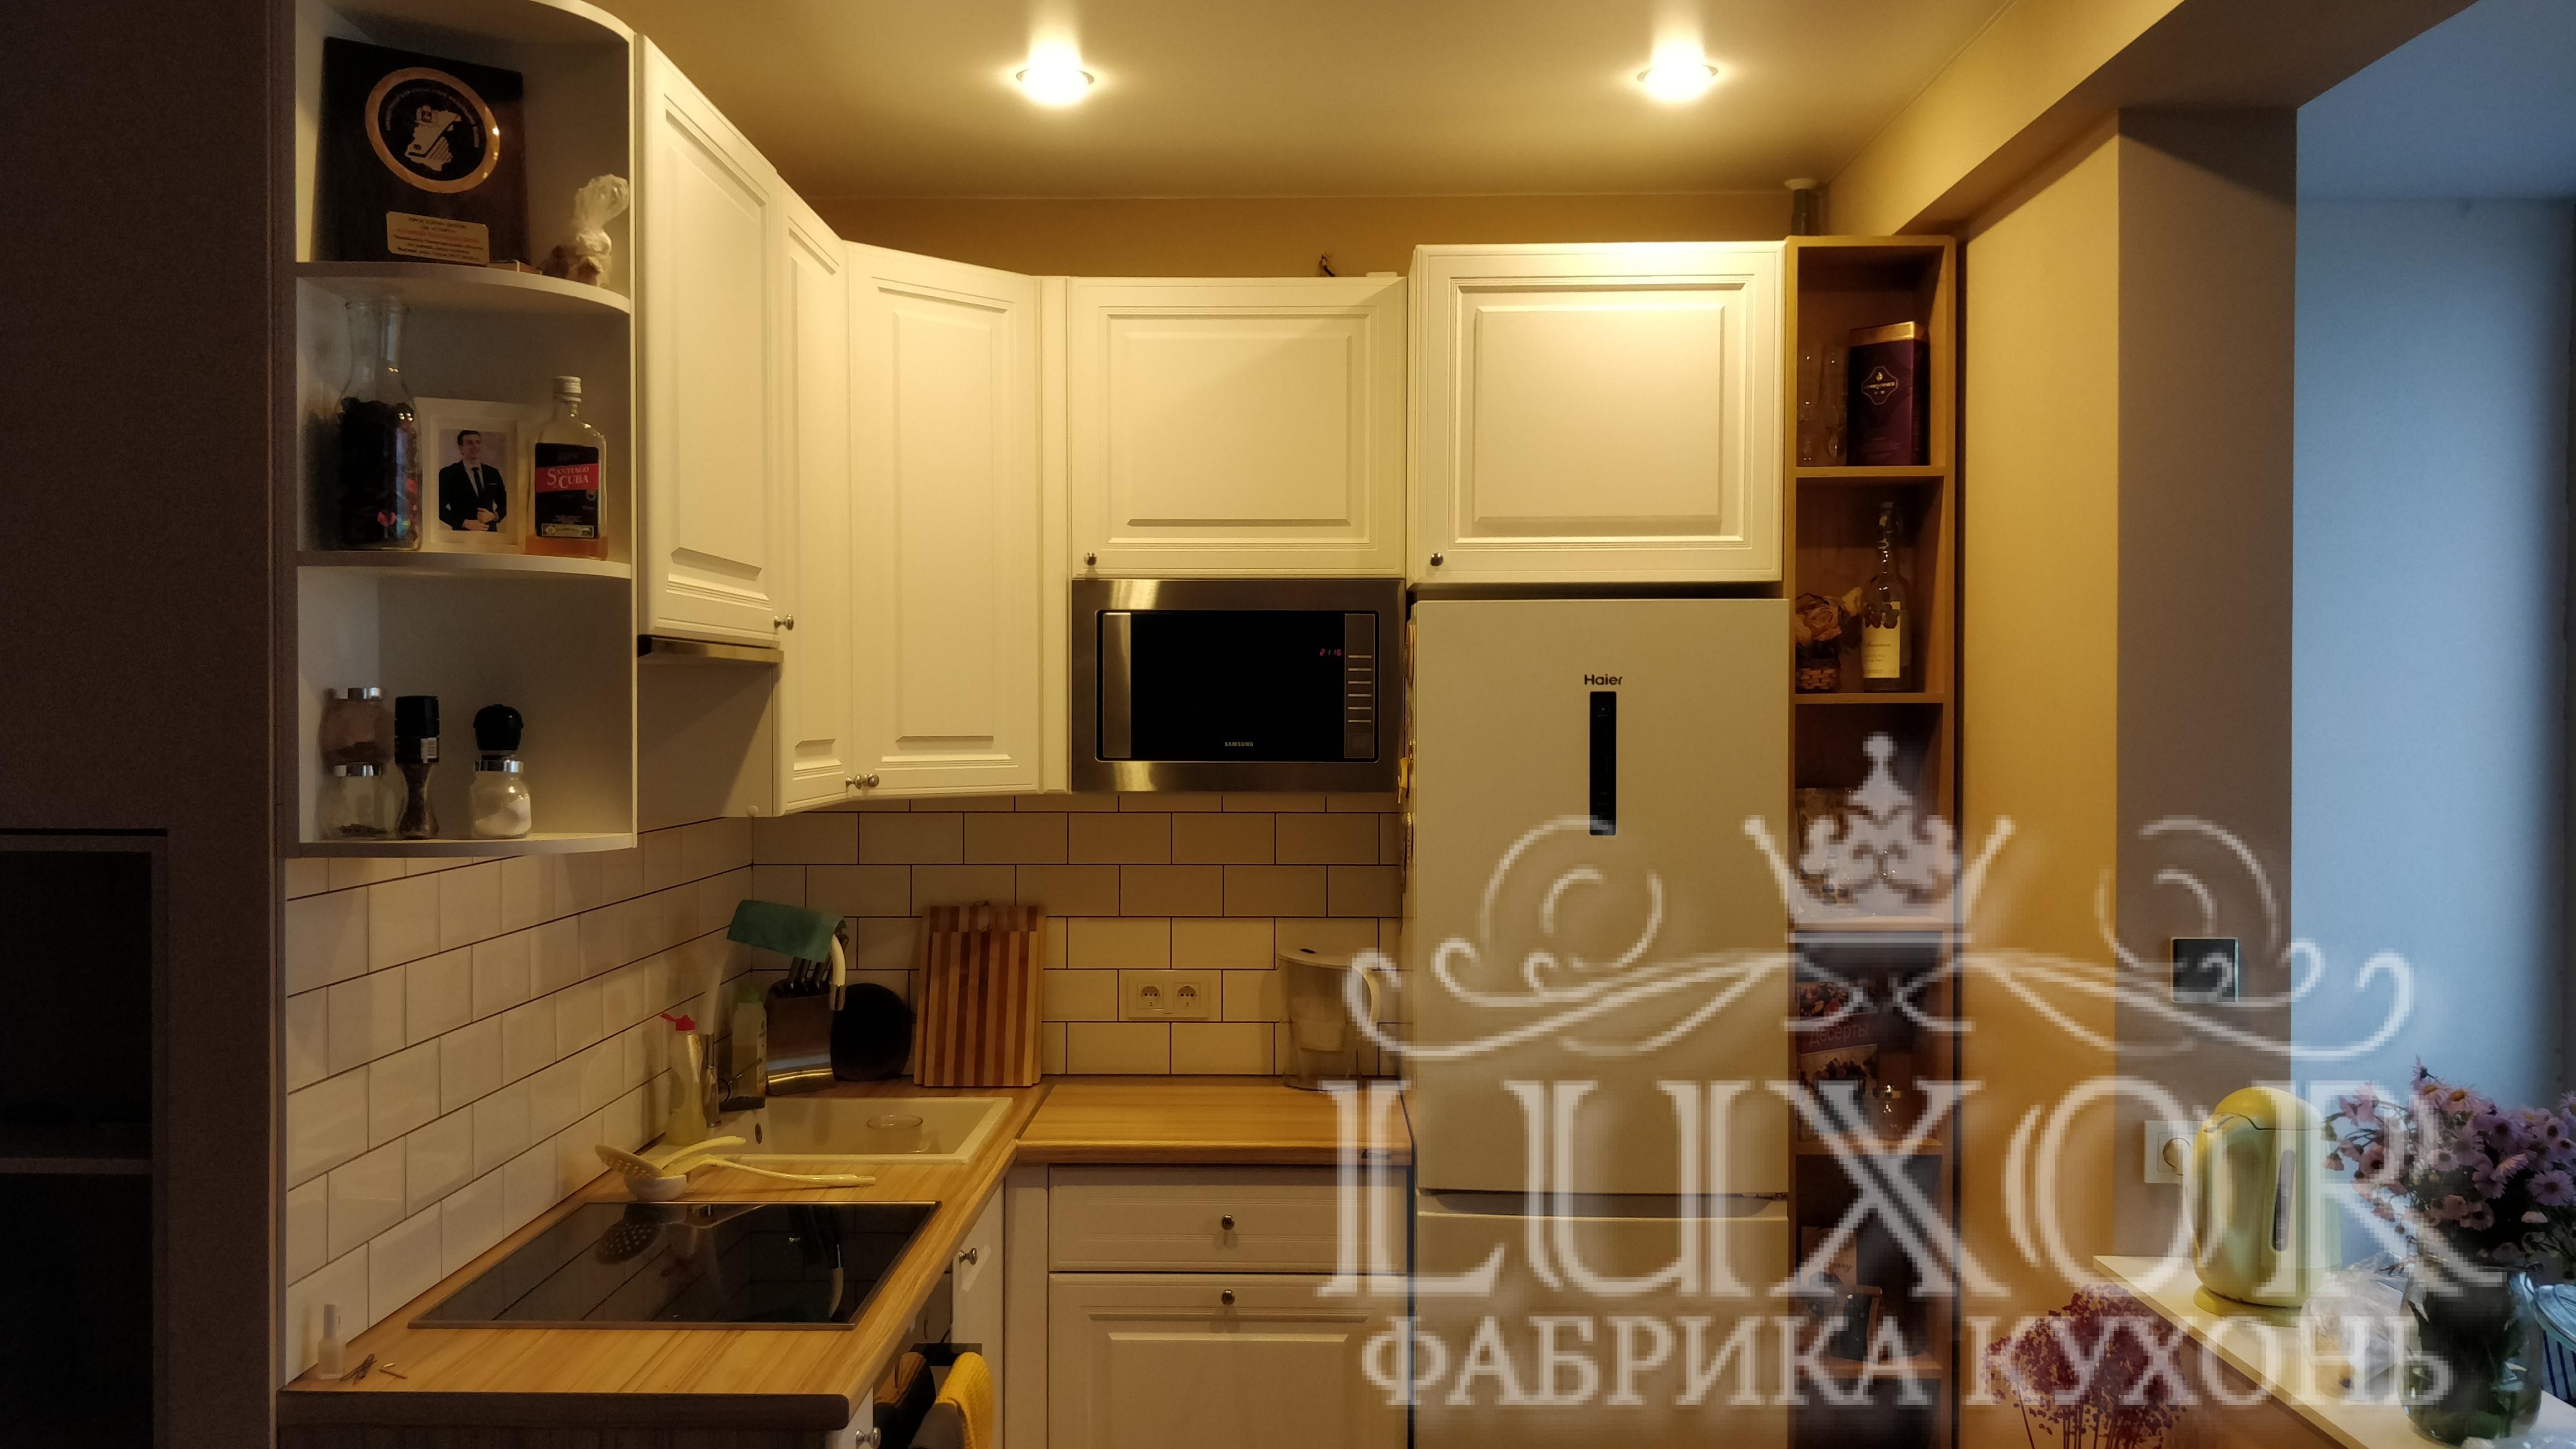 Кухня Лусси - изображение 1